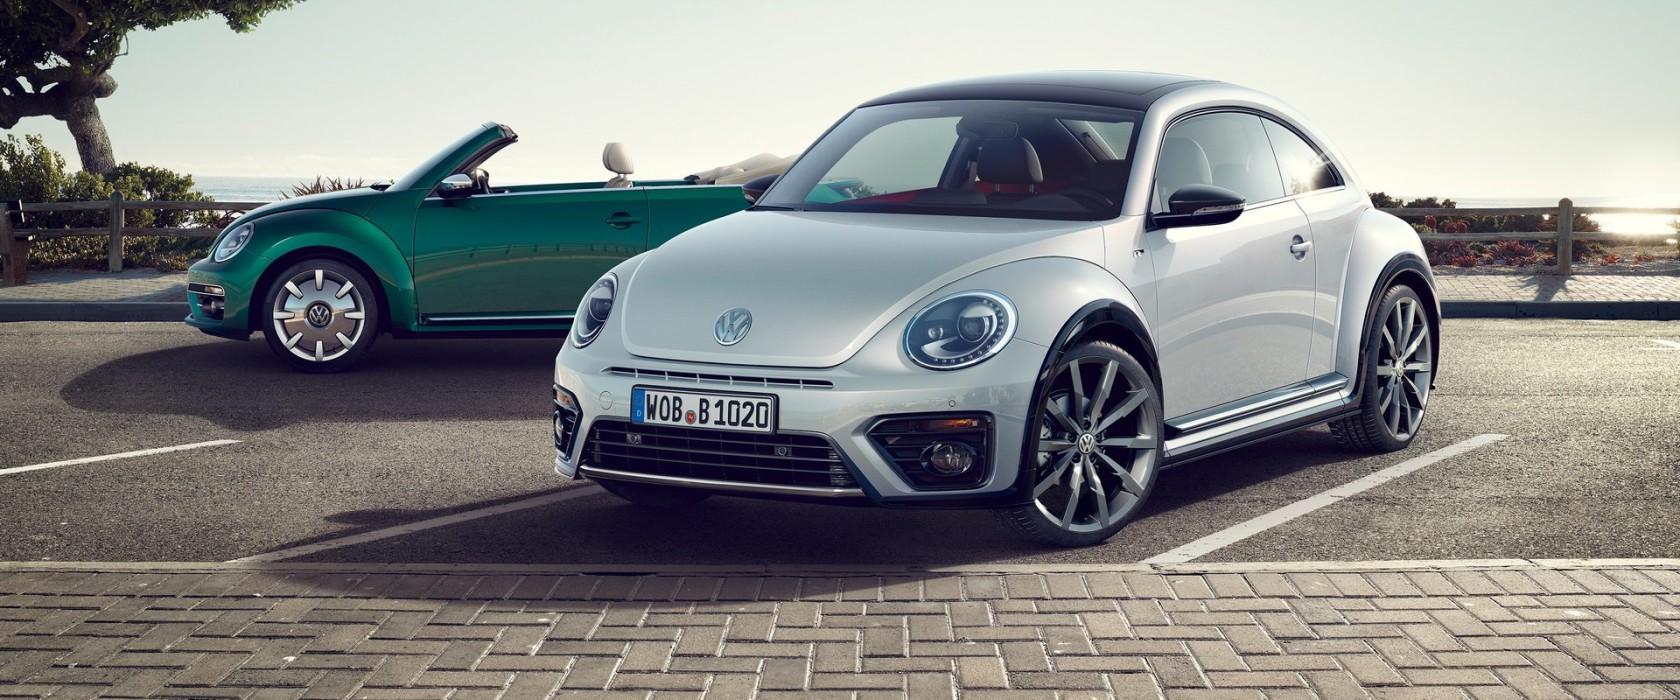 Volkswagen Beetle und Volkswagen Beetle Cabriolet ? Modelljahr 2017